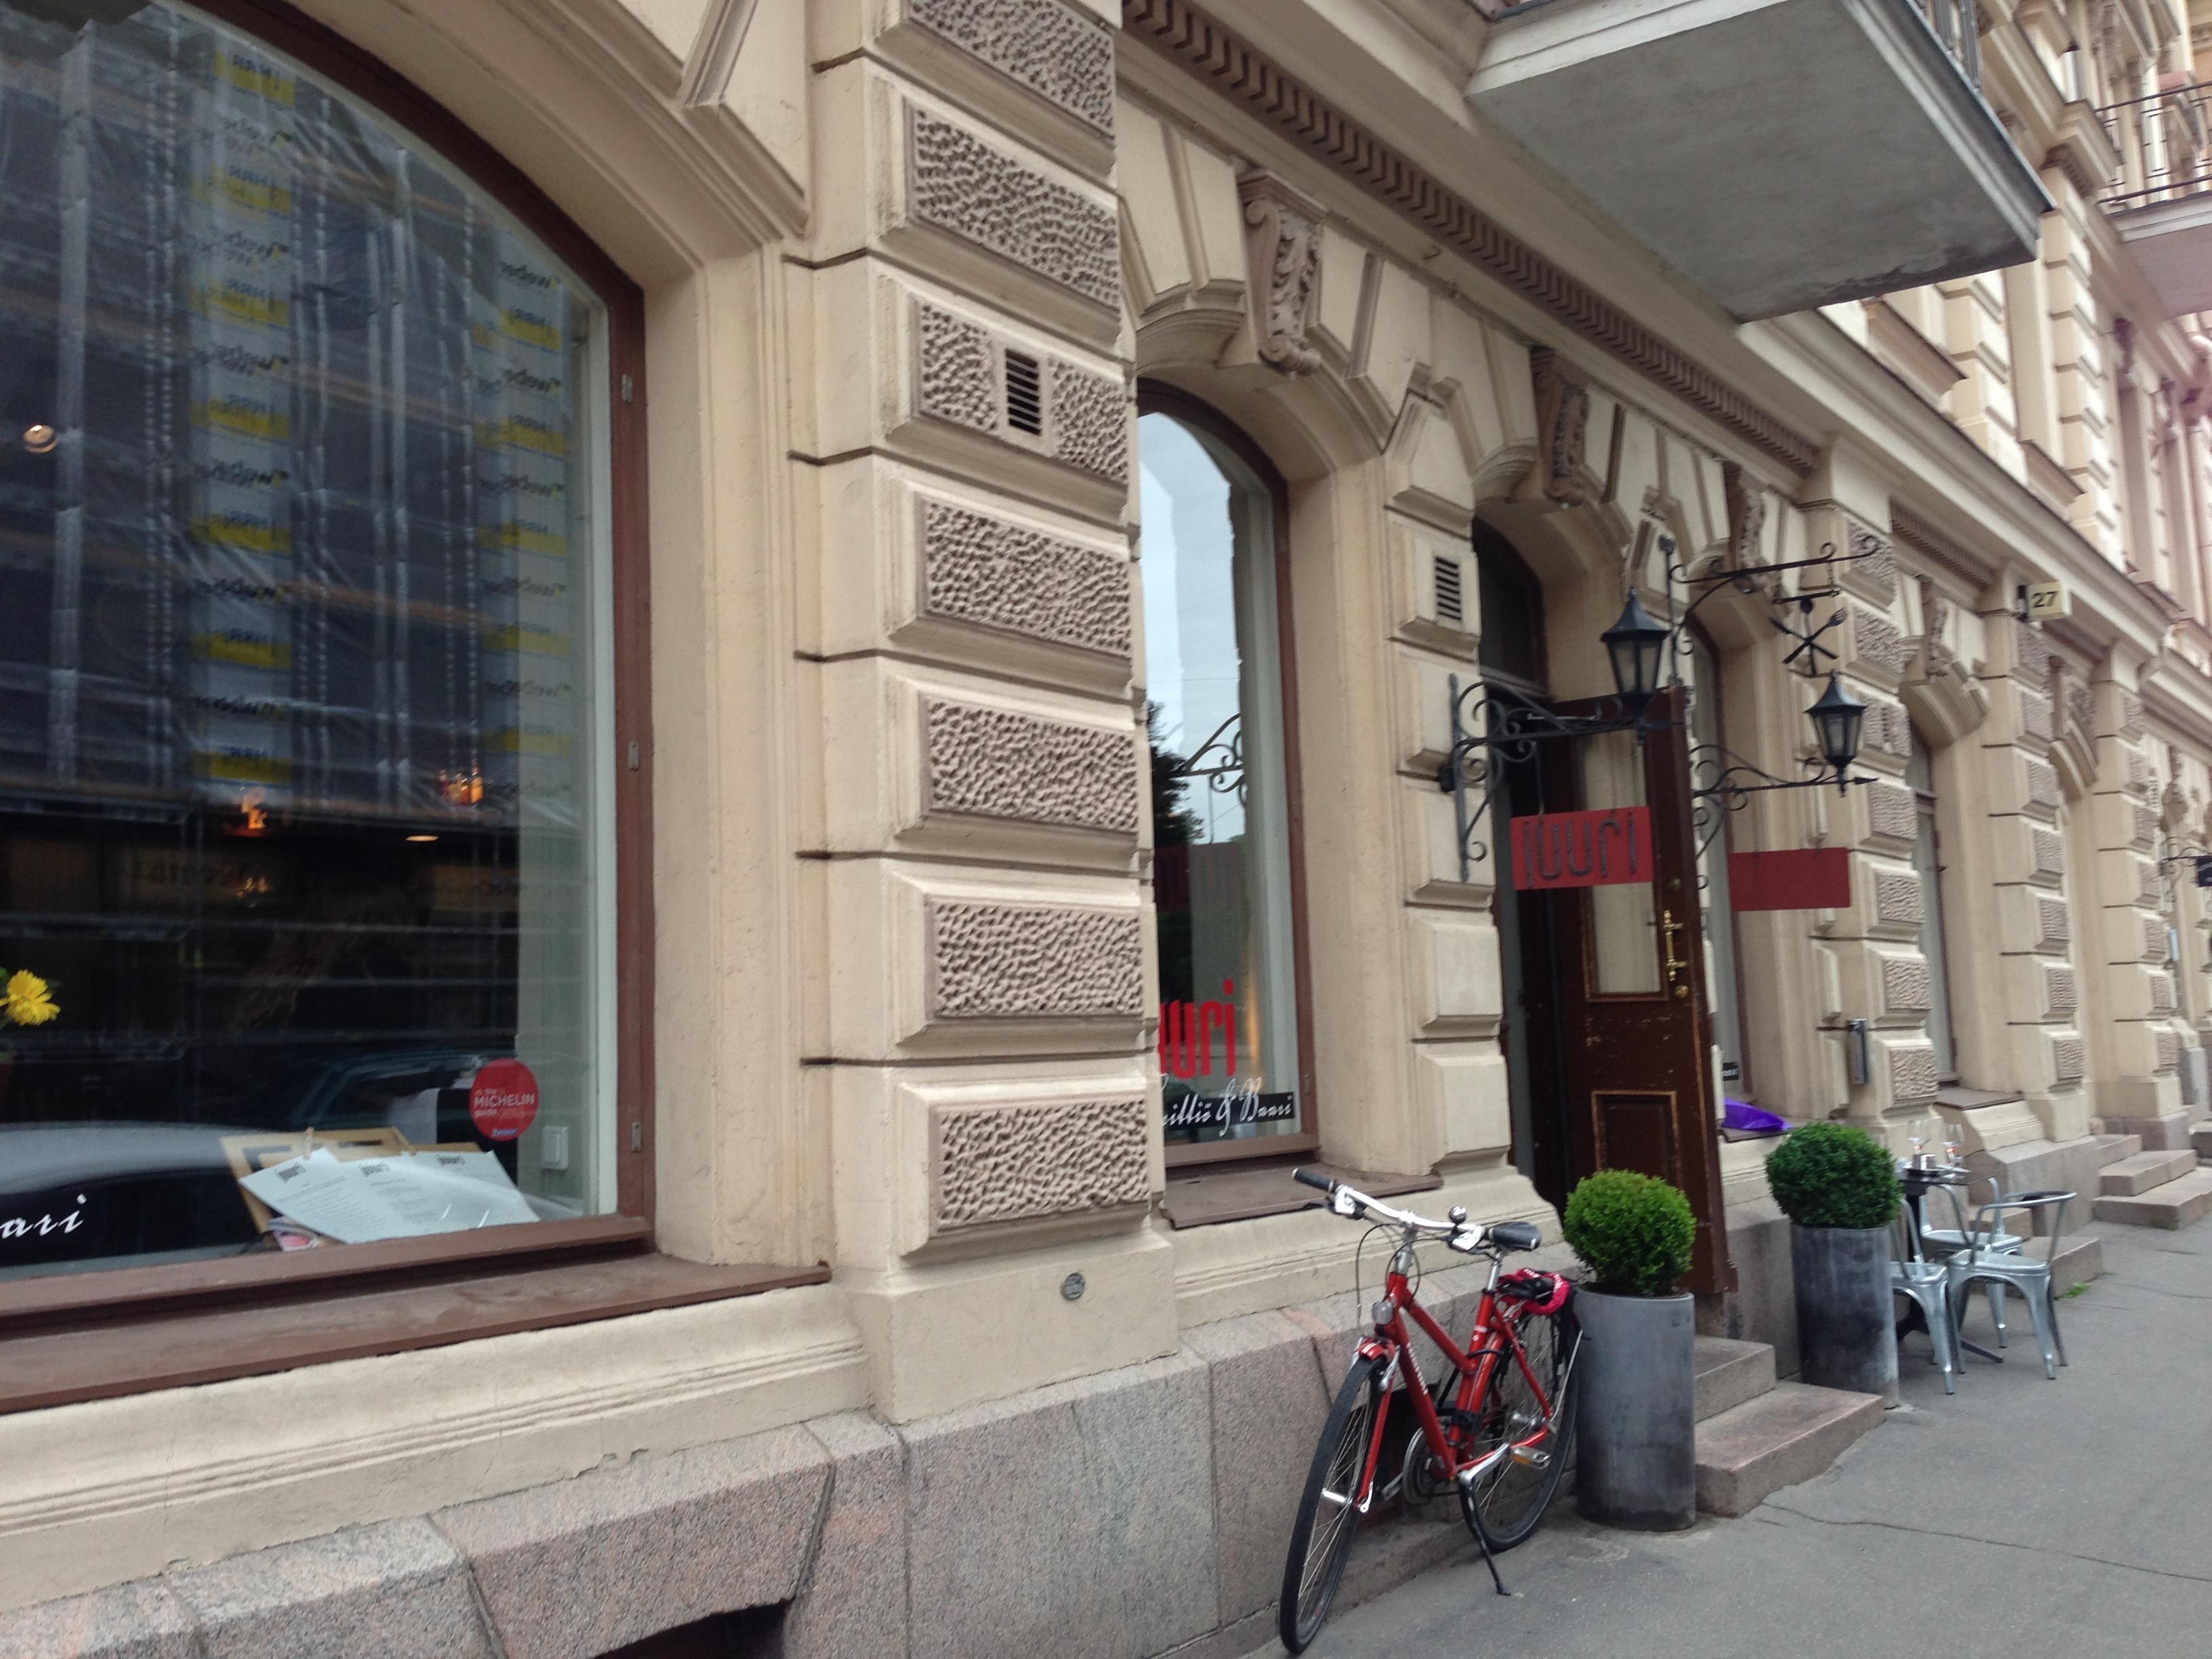 Ravintola Juuri, Helsinki, 6 29 13  Dining With Frankie